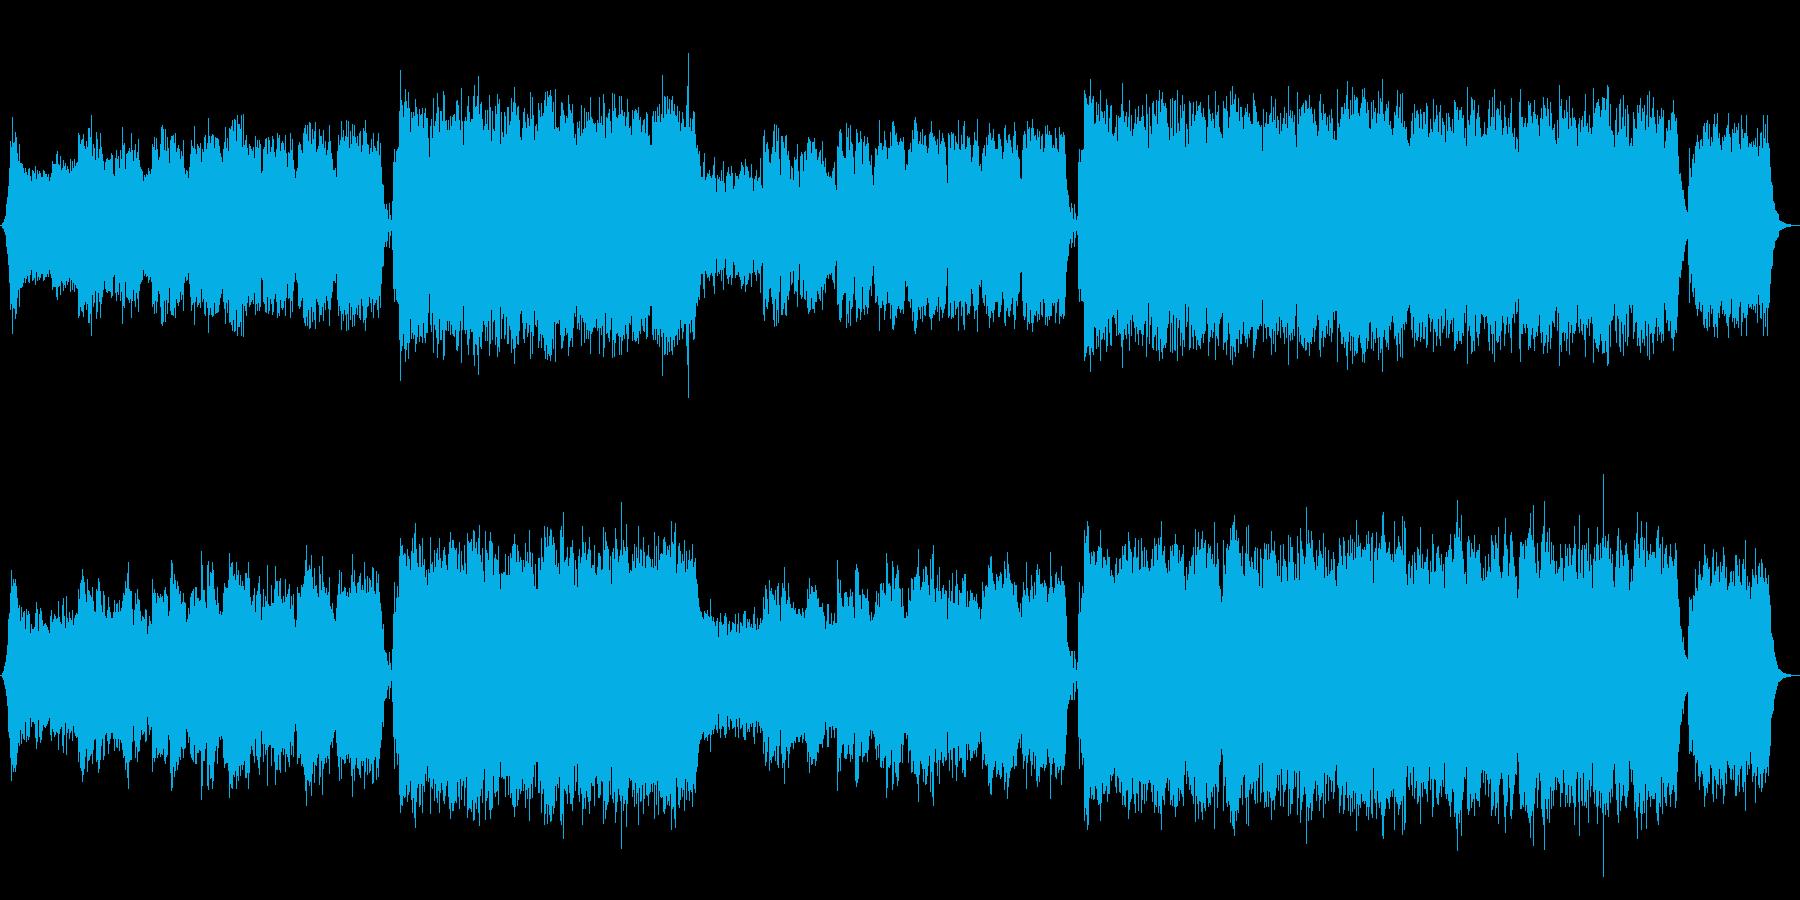 トランペットの情熱的エピックエンディングの再生済みの波形